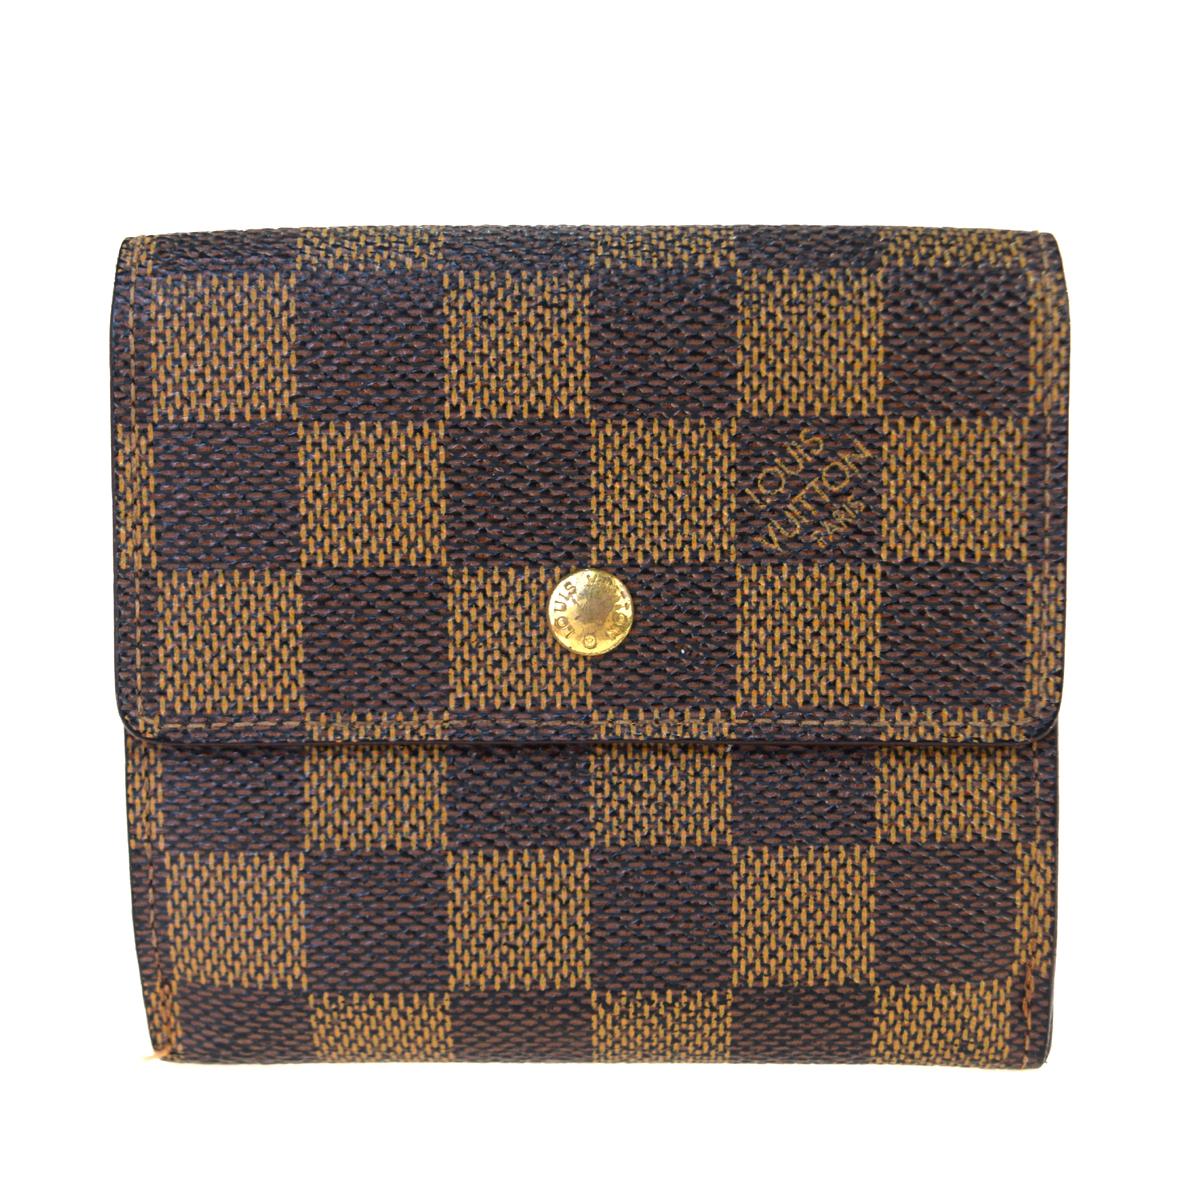 【代引き不可】 【】 ルイ・ヴィトン(Louis Vuitton) ダミエ エベヌ ポルトモネ ビエ カルト クレディ N61652 PVC,レザー 財布(三つ折り) ダミエ 08GC048, 穴あき包丁屋さん c27f5355